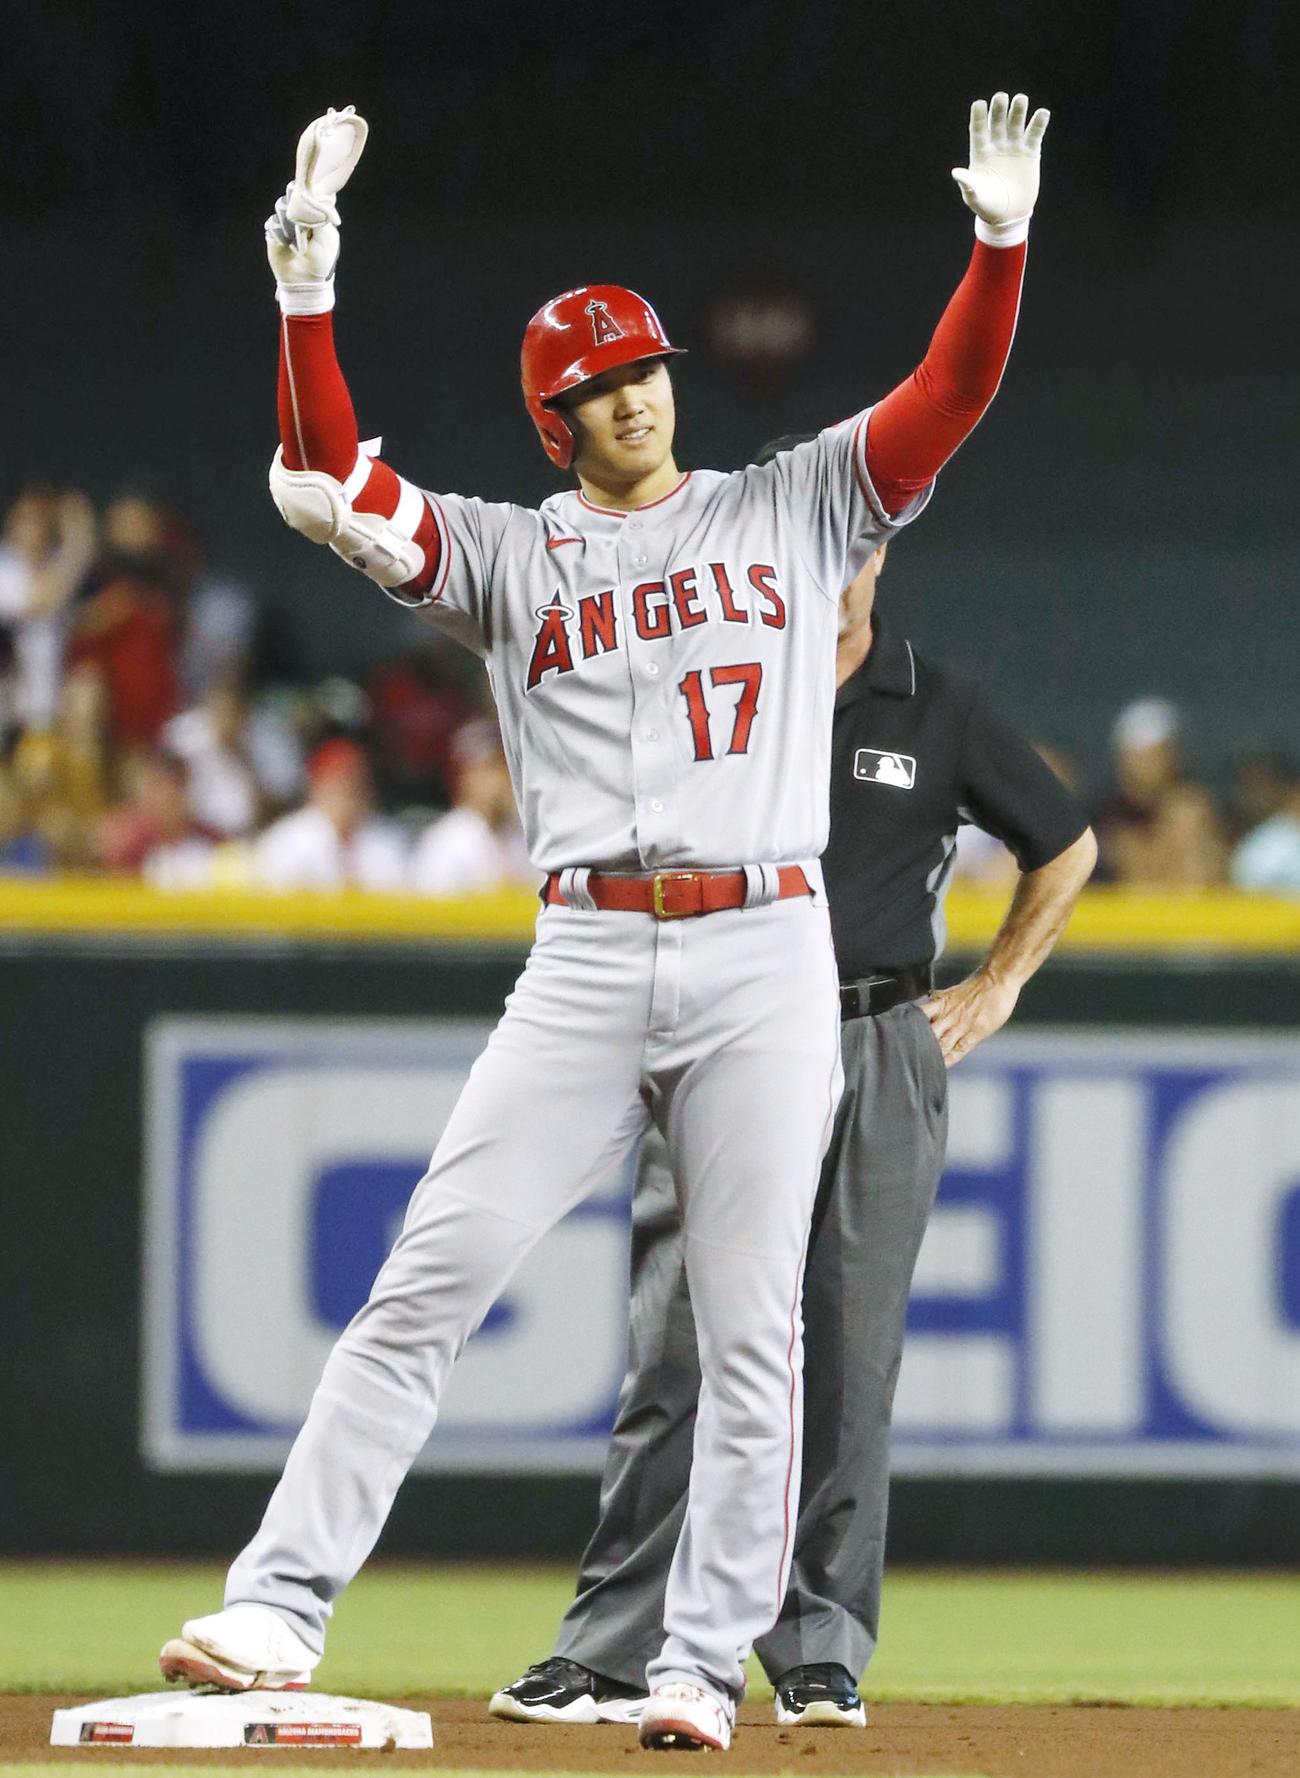 ダイヤモンドバックス戦の7回、二塁打を放ち、ベンチへ向かって両手を上げるエンゼルス大谷(共同)